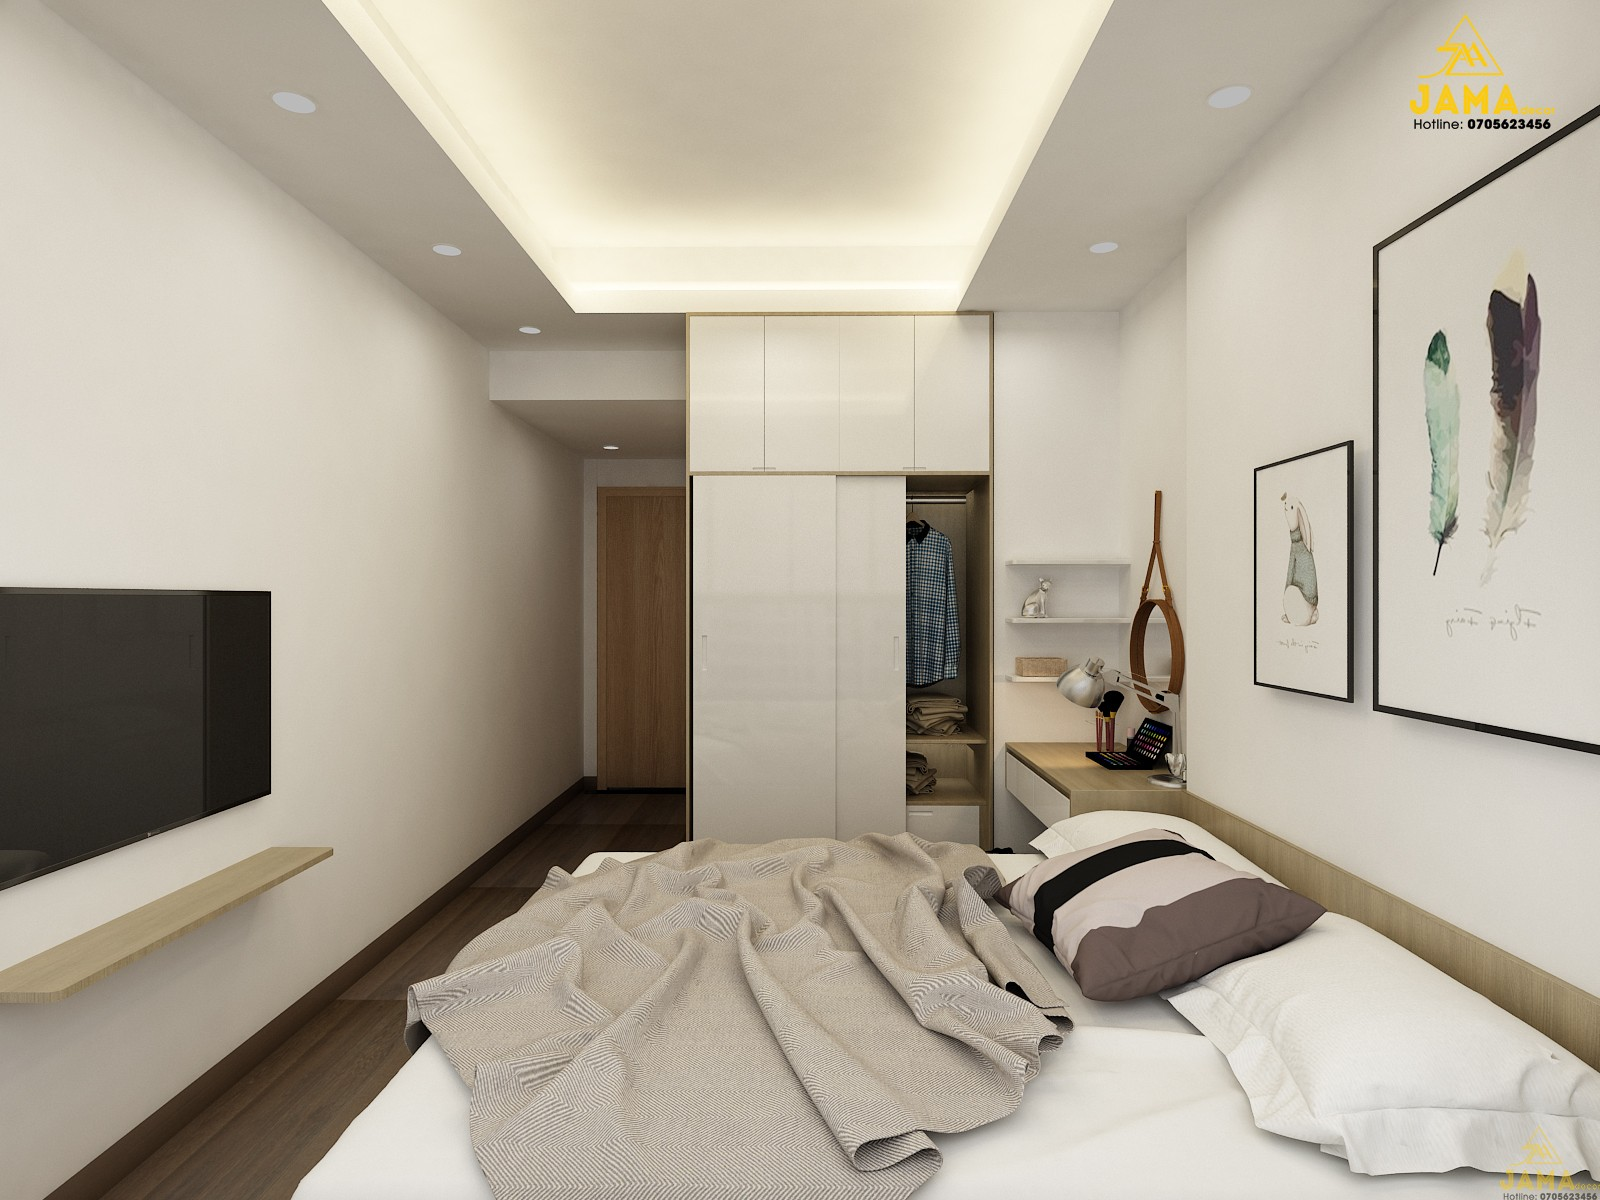 Thiết kế và thi công nội thất căn hộ Golden Mansion 71.2m2